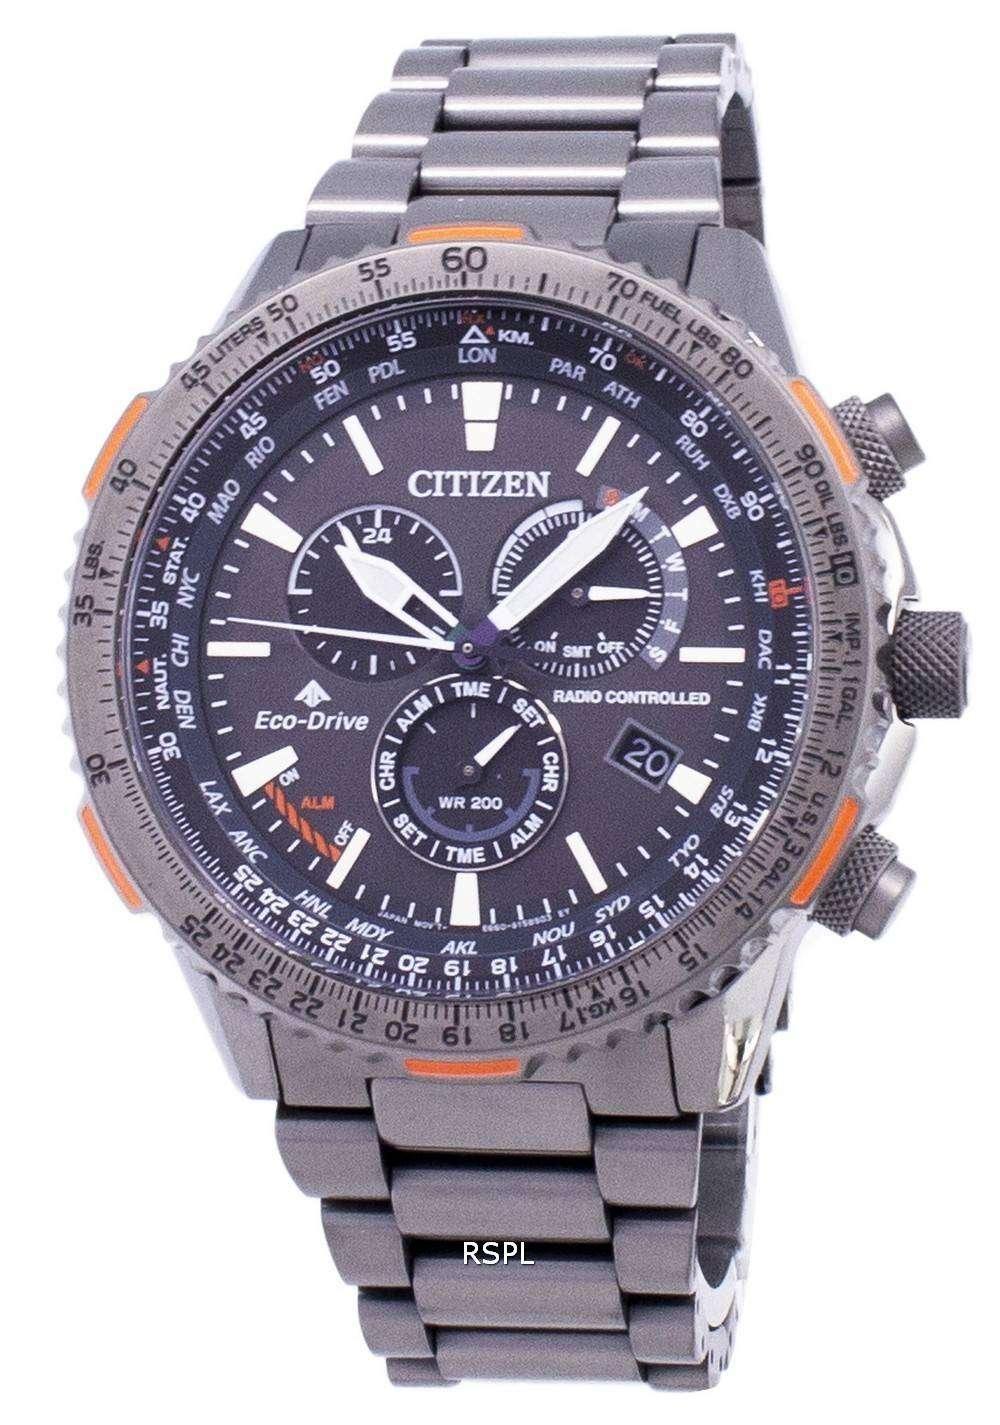 市民プロマスター スカイ エコ ・ ドライブ CB5007-51 H 電波 200 M メンズ腕時計